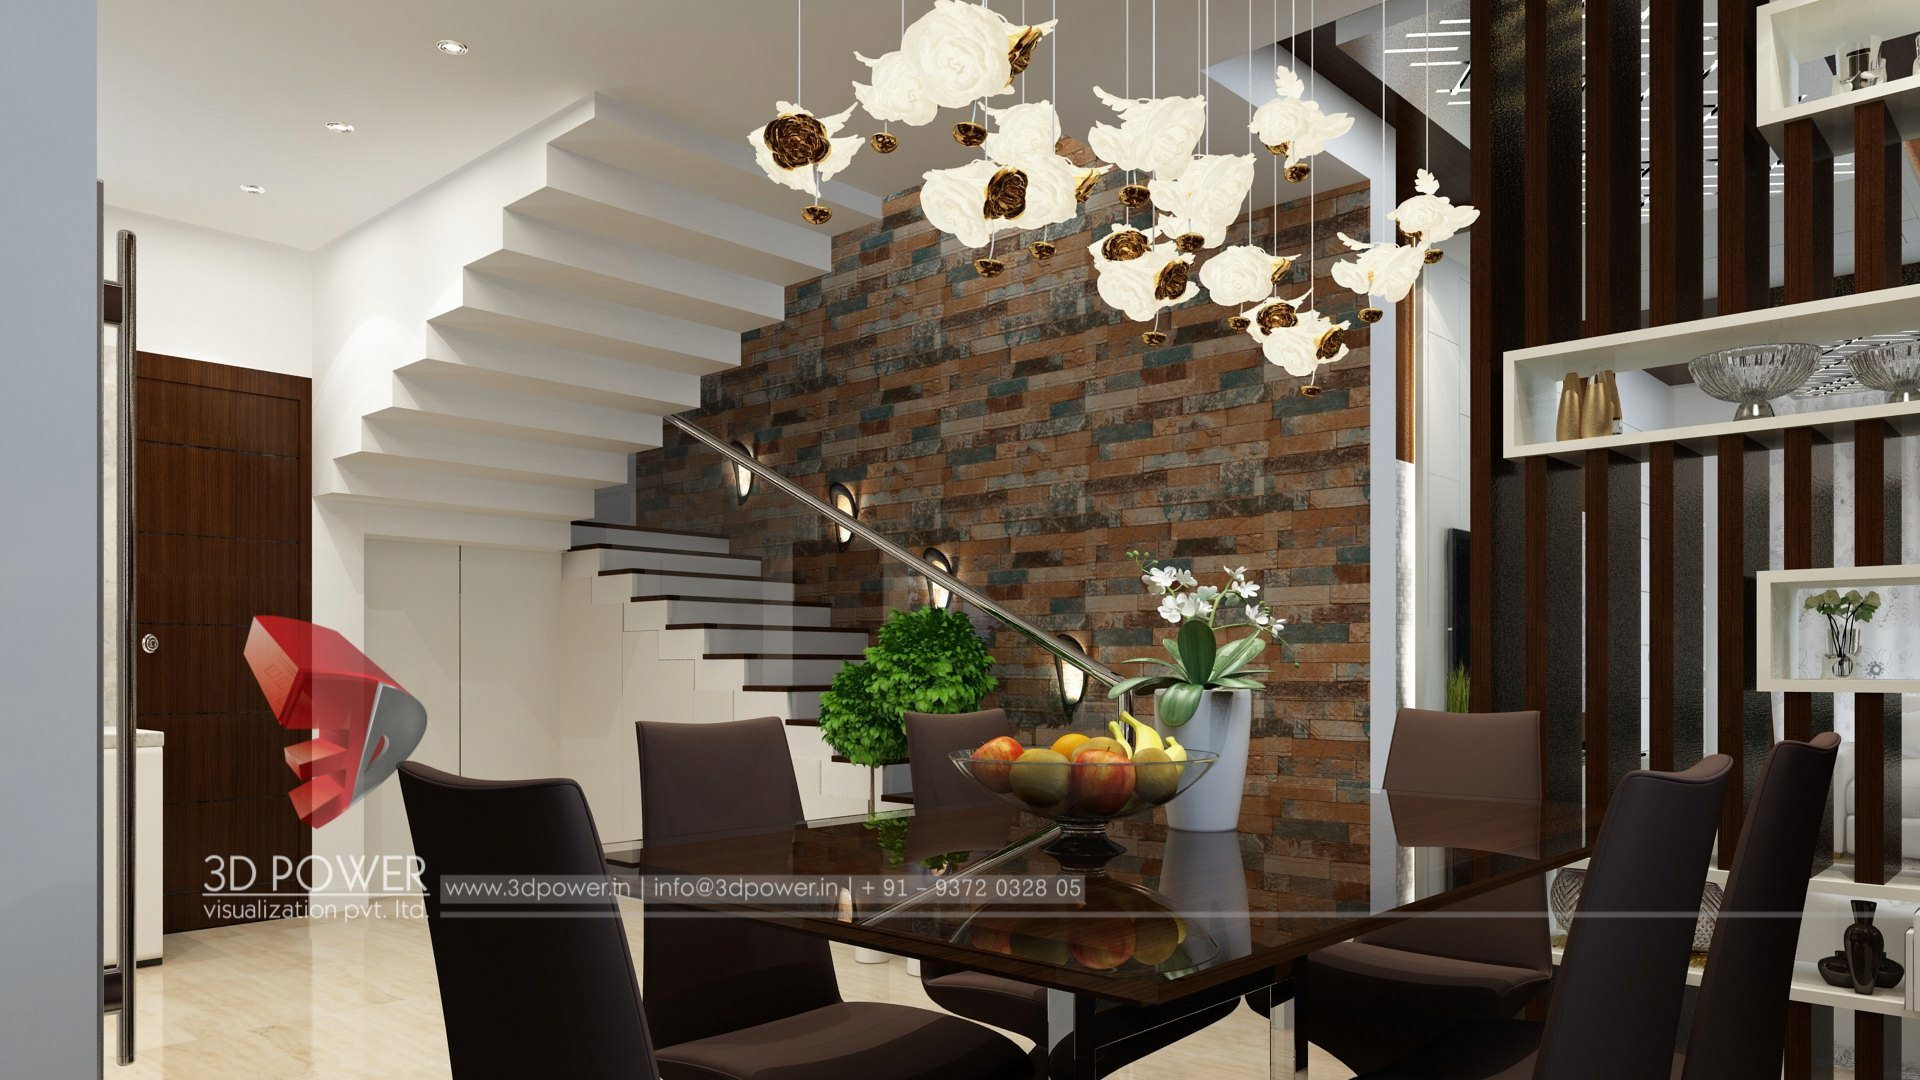 ... 3d-designing-services-kitchen-interior-design ...